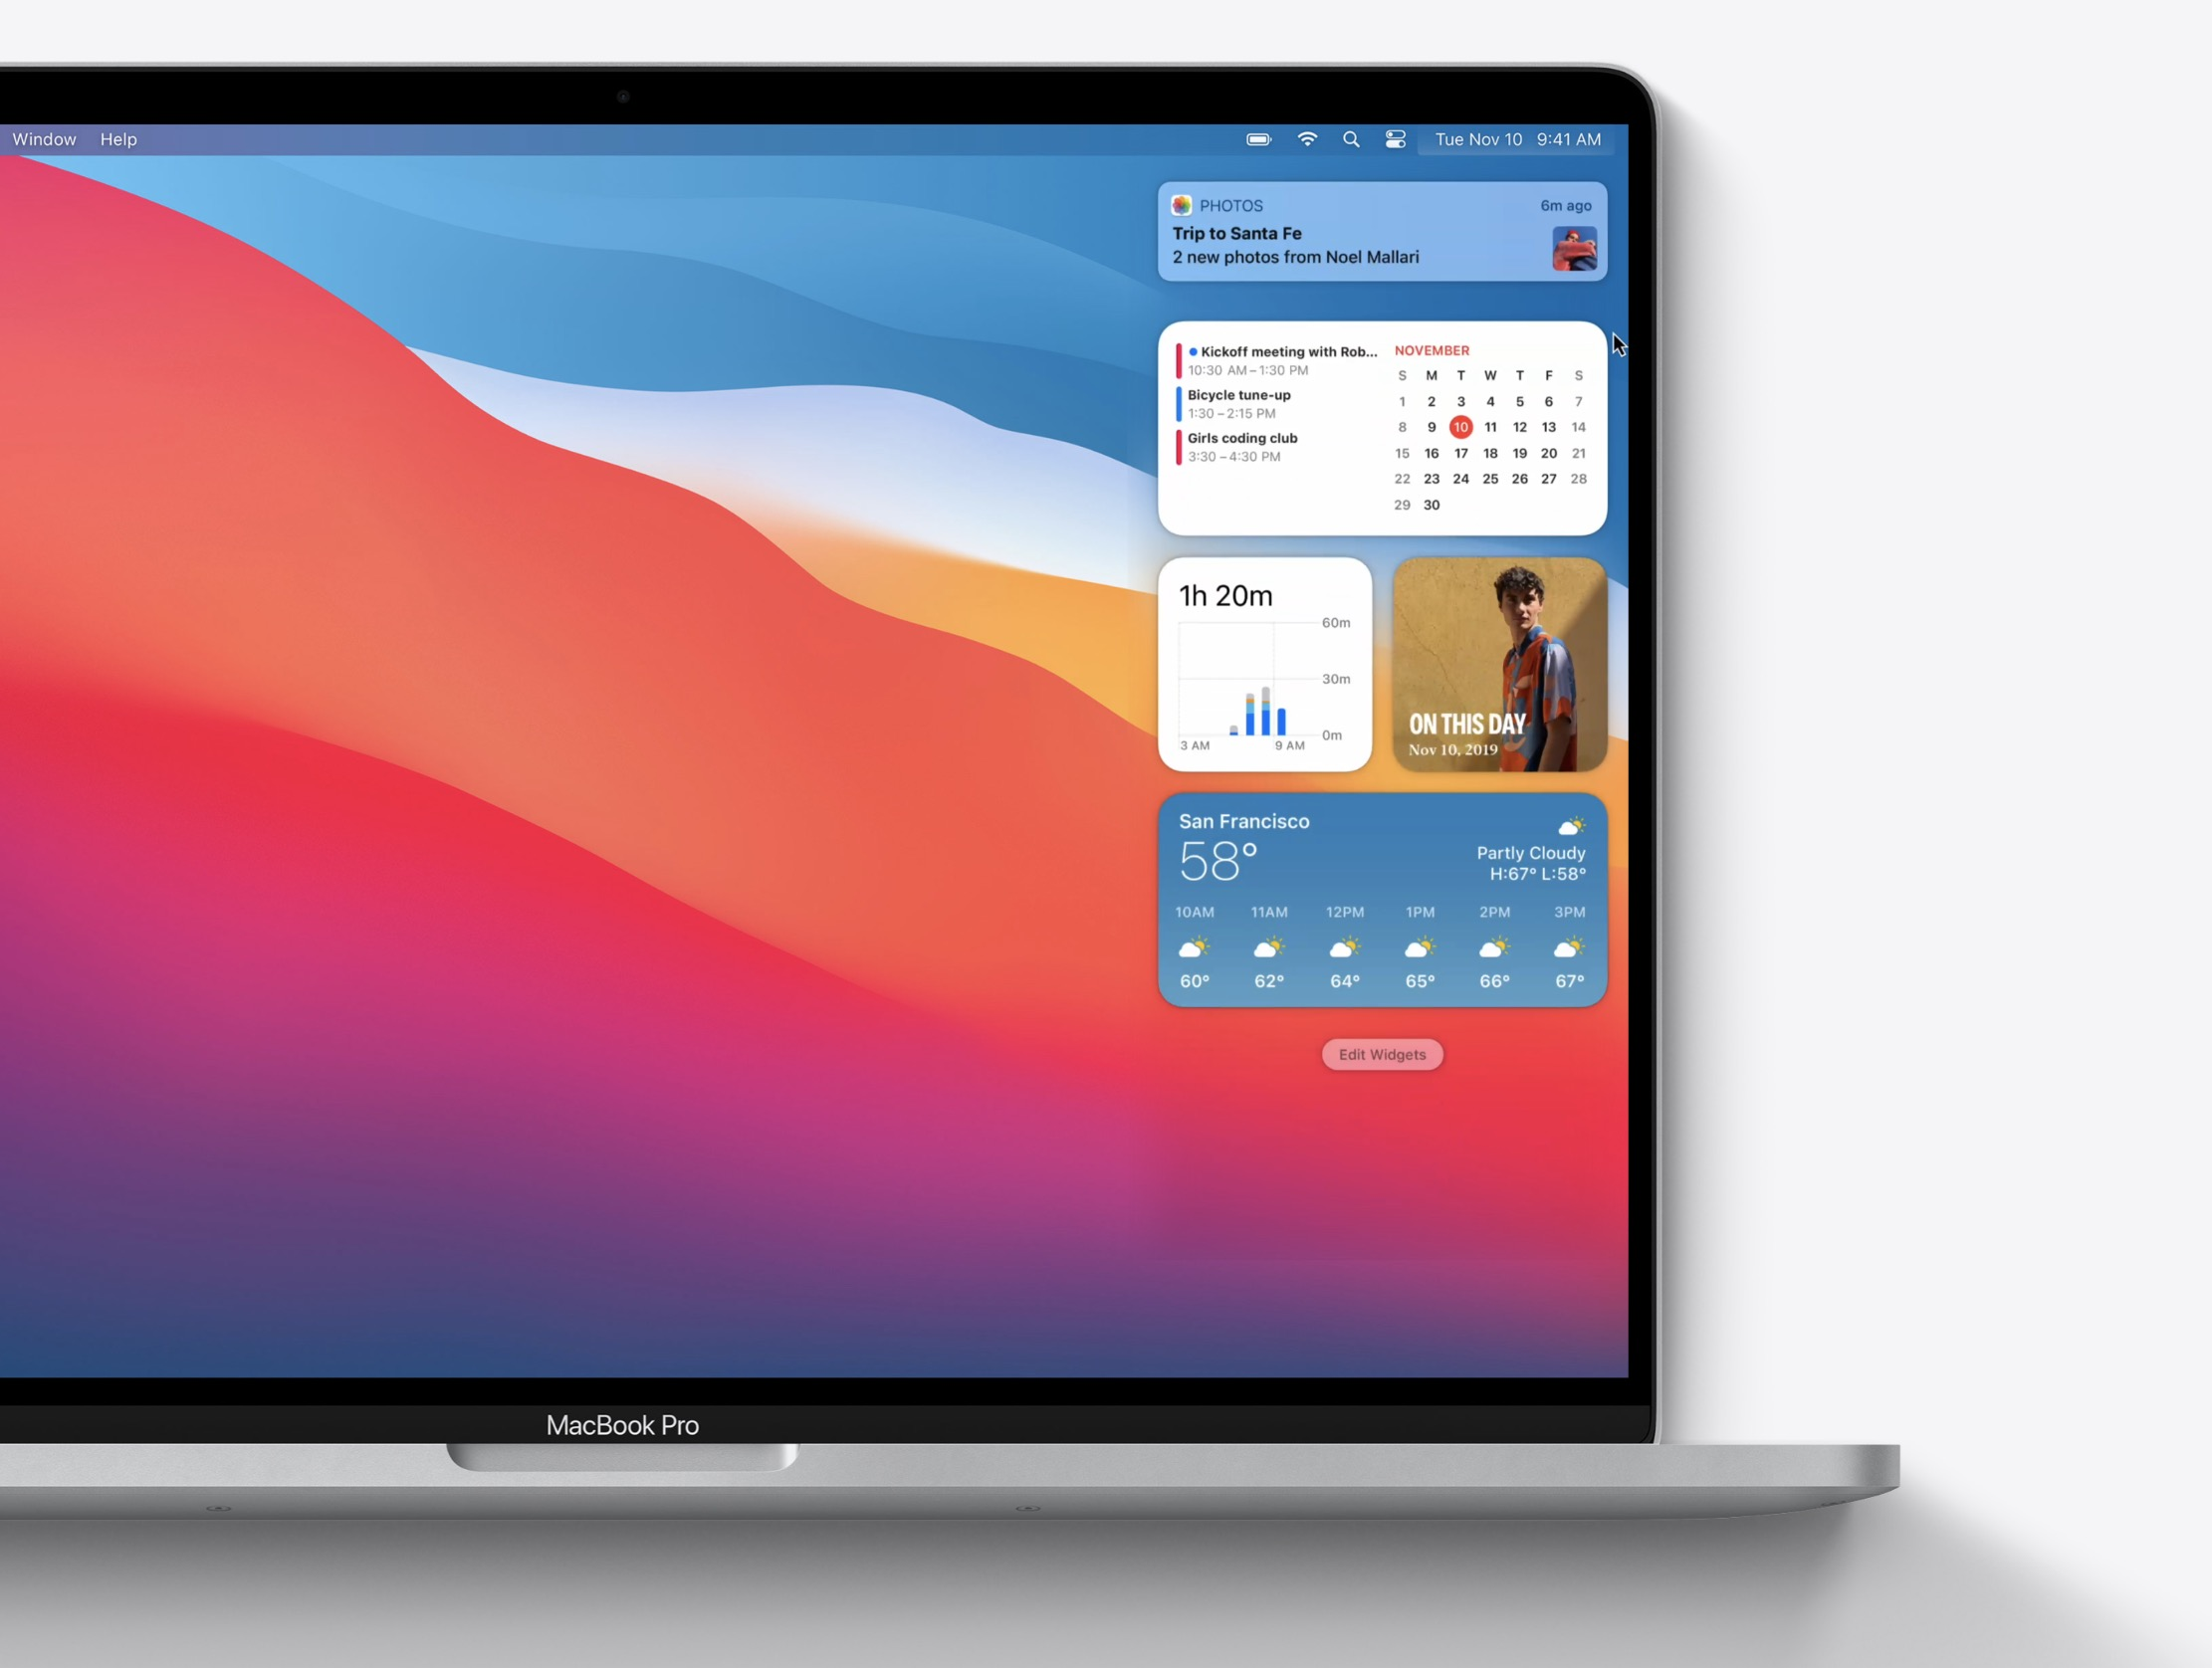 Cómo añadir, eliminar y configurar los widgets de macOS Big Sur en nuestro Mac